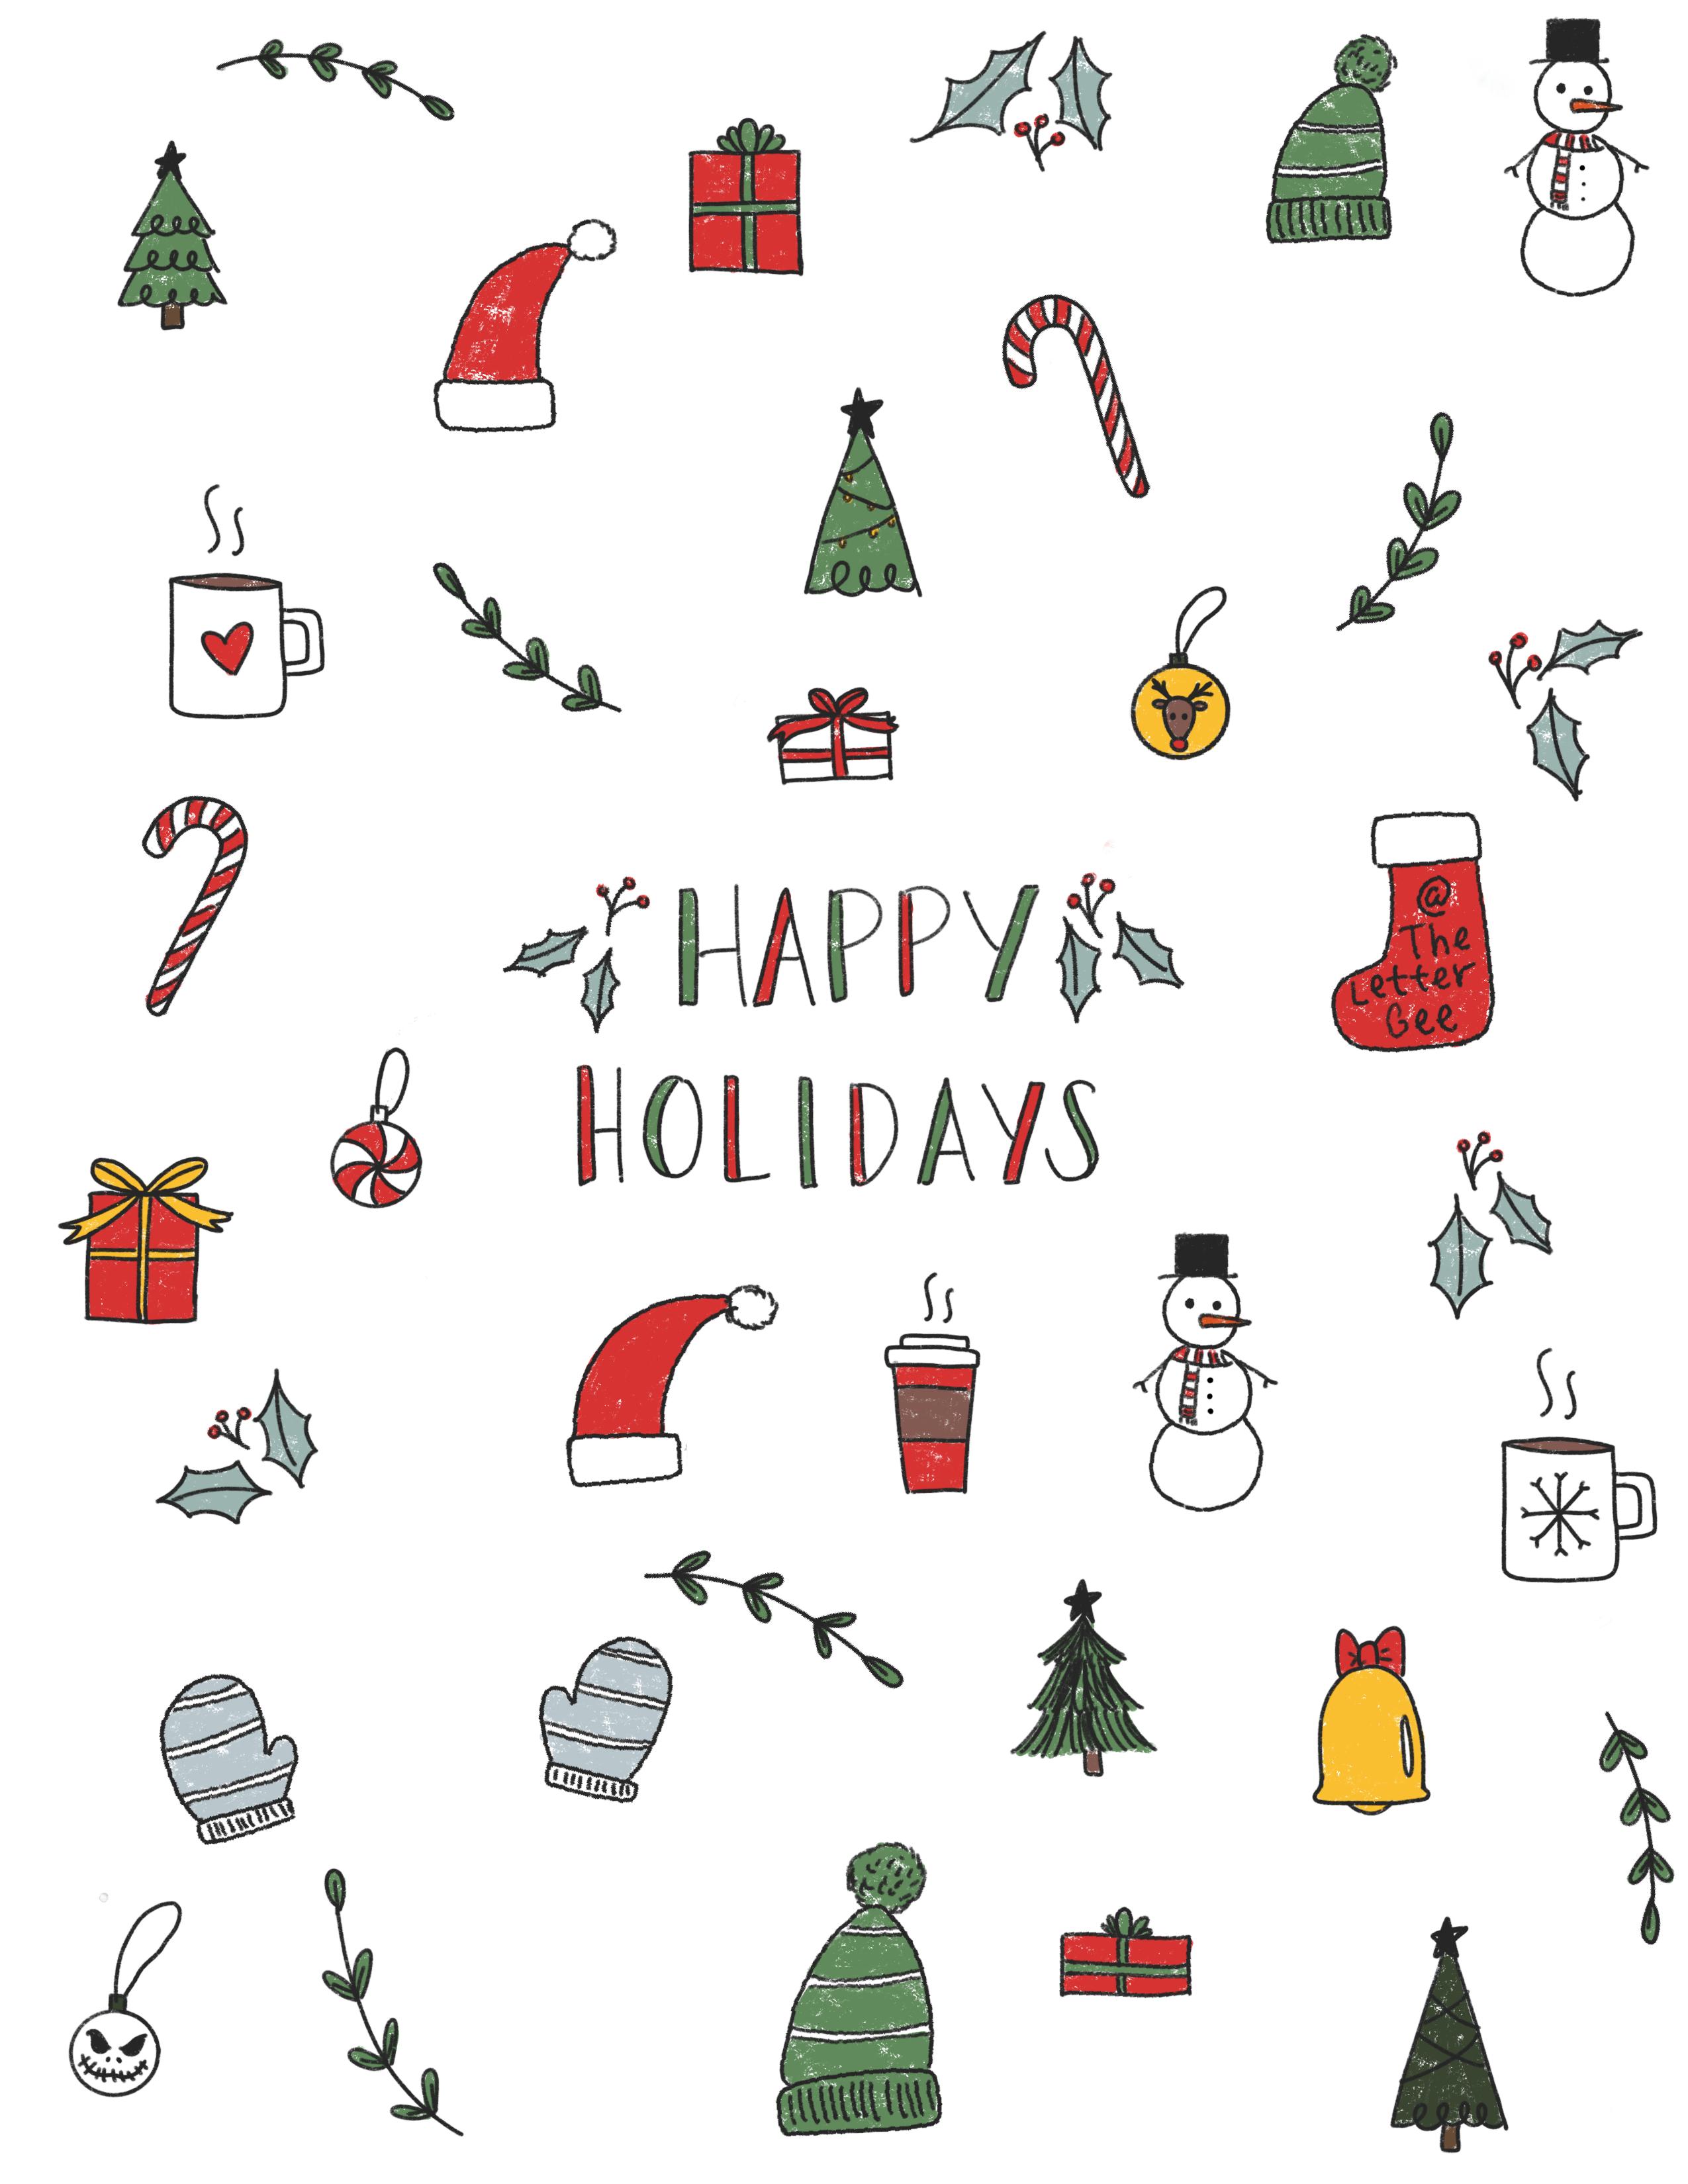 Christmas Holiday Doodles Christmas Phone Wallpaper Cute Christmas Wallpaper Christmas Doodles